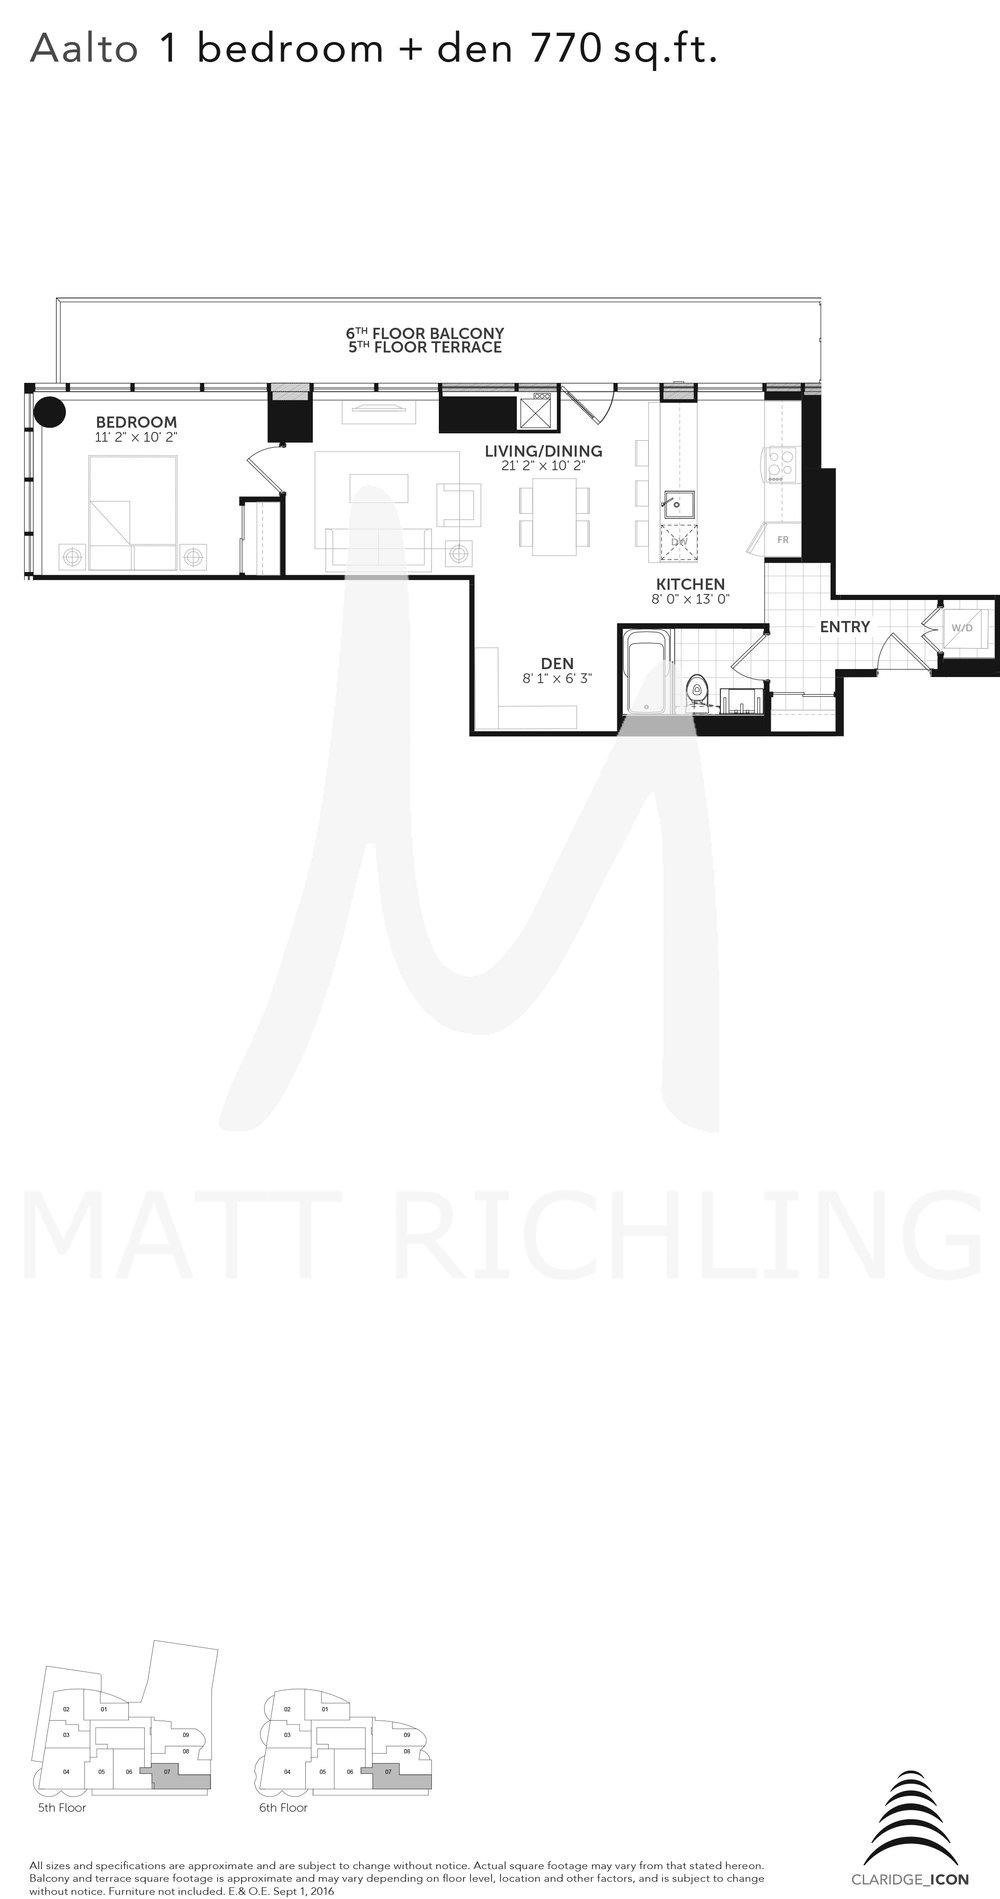 Aalto---1-Bed-+-Den.jpg